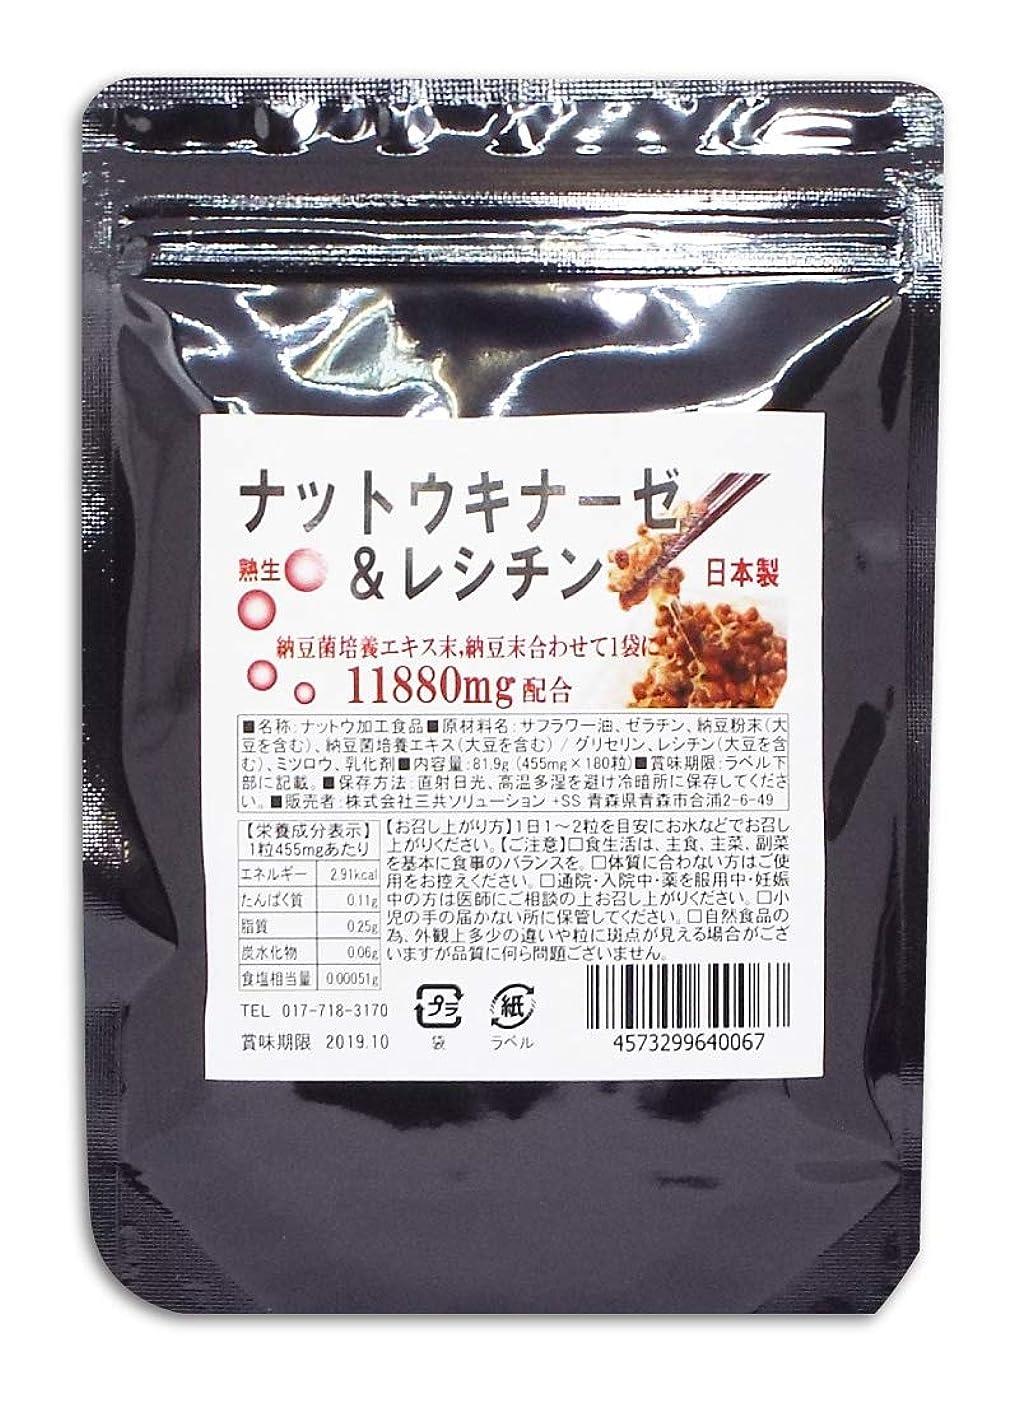 着服速報センブランスナットウキナーゼサプリ 納豆キナーゼ 大容量180粒 約6ヶ月分 納豆菌 ナットーキナーゼ サプリメント